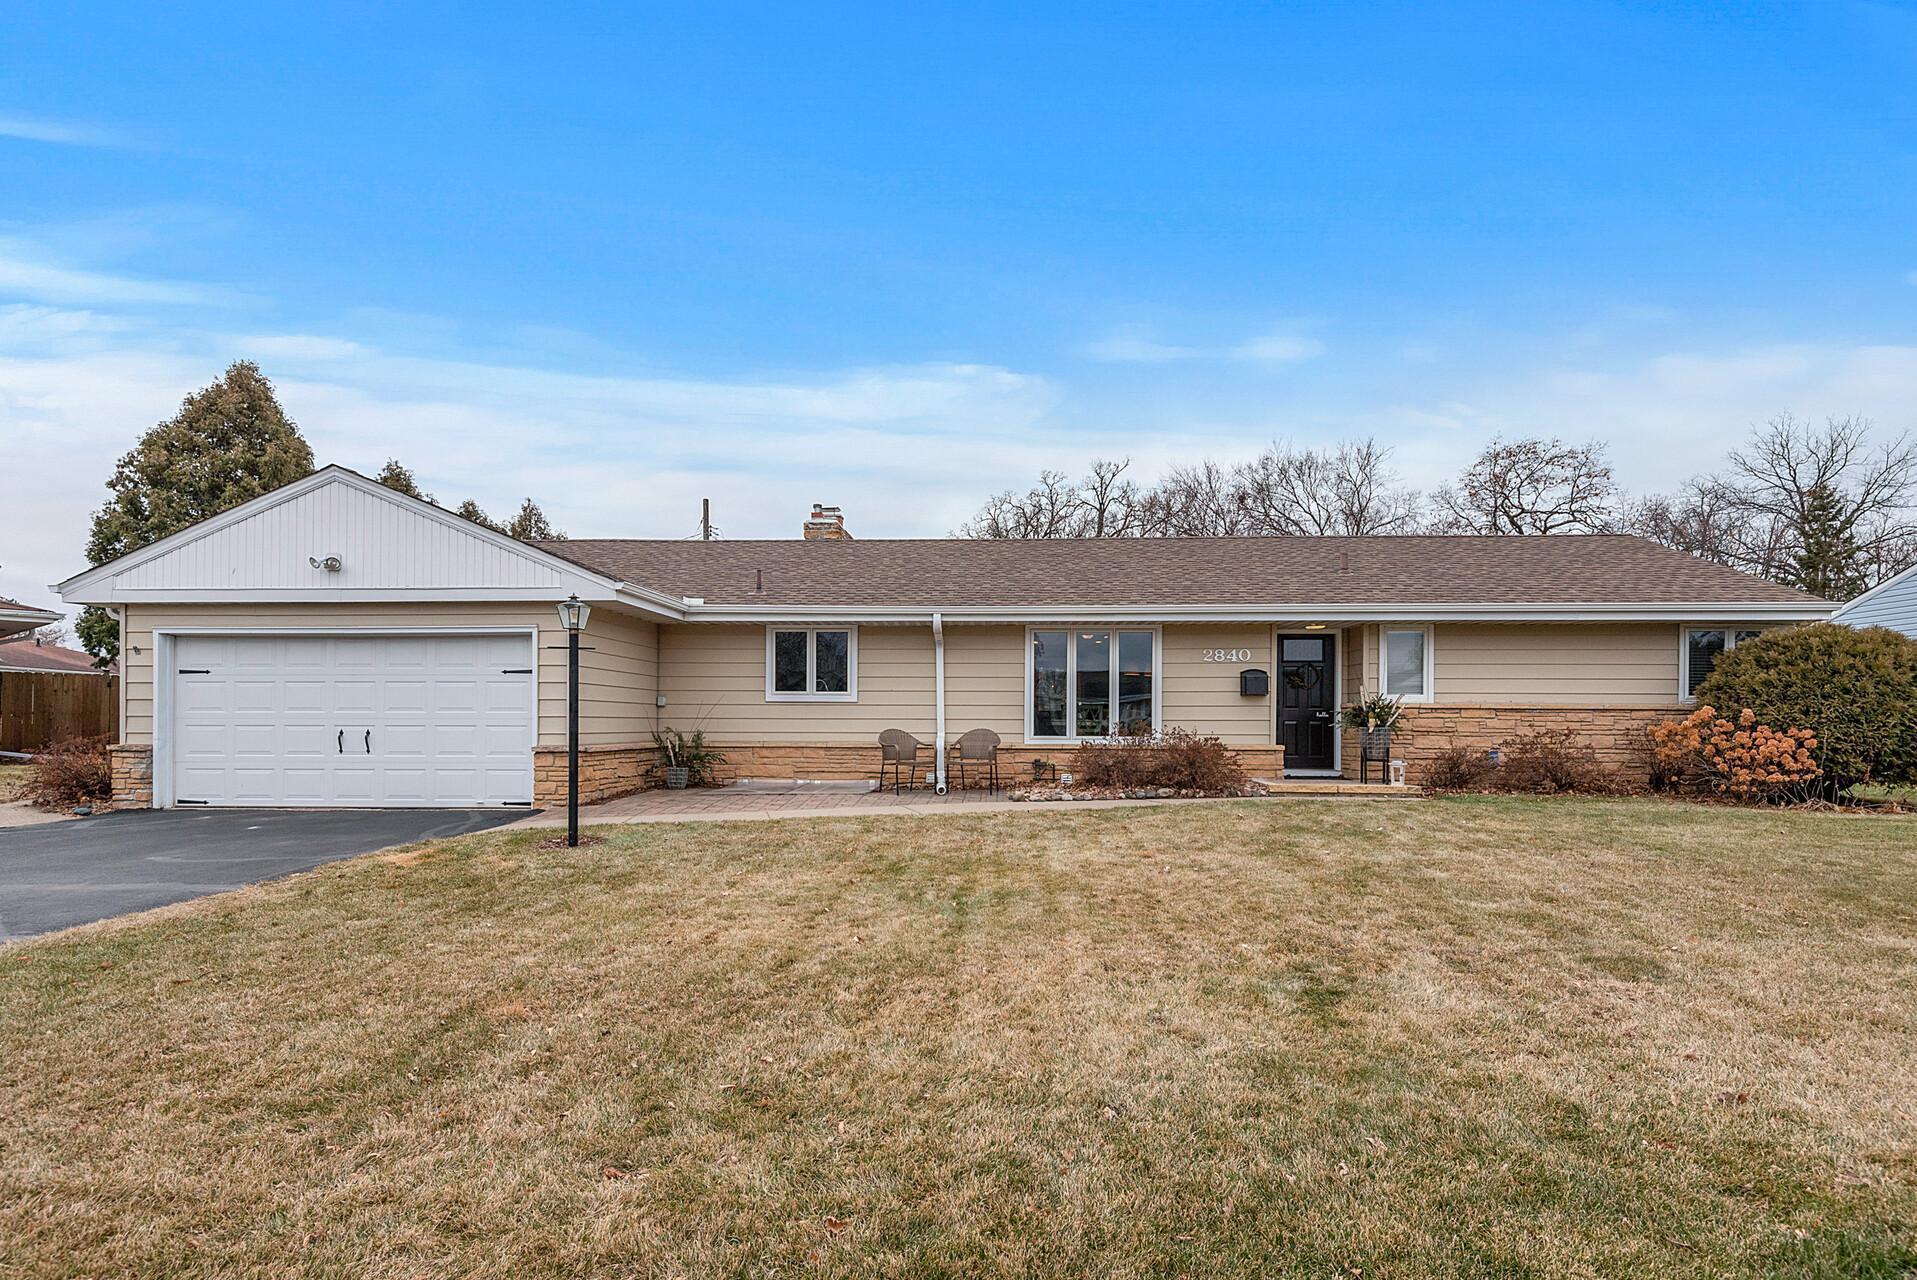 2840 Aquila Avenue S Property Photo - Saint Louis Park, MN real estate listing